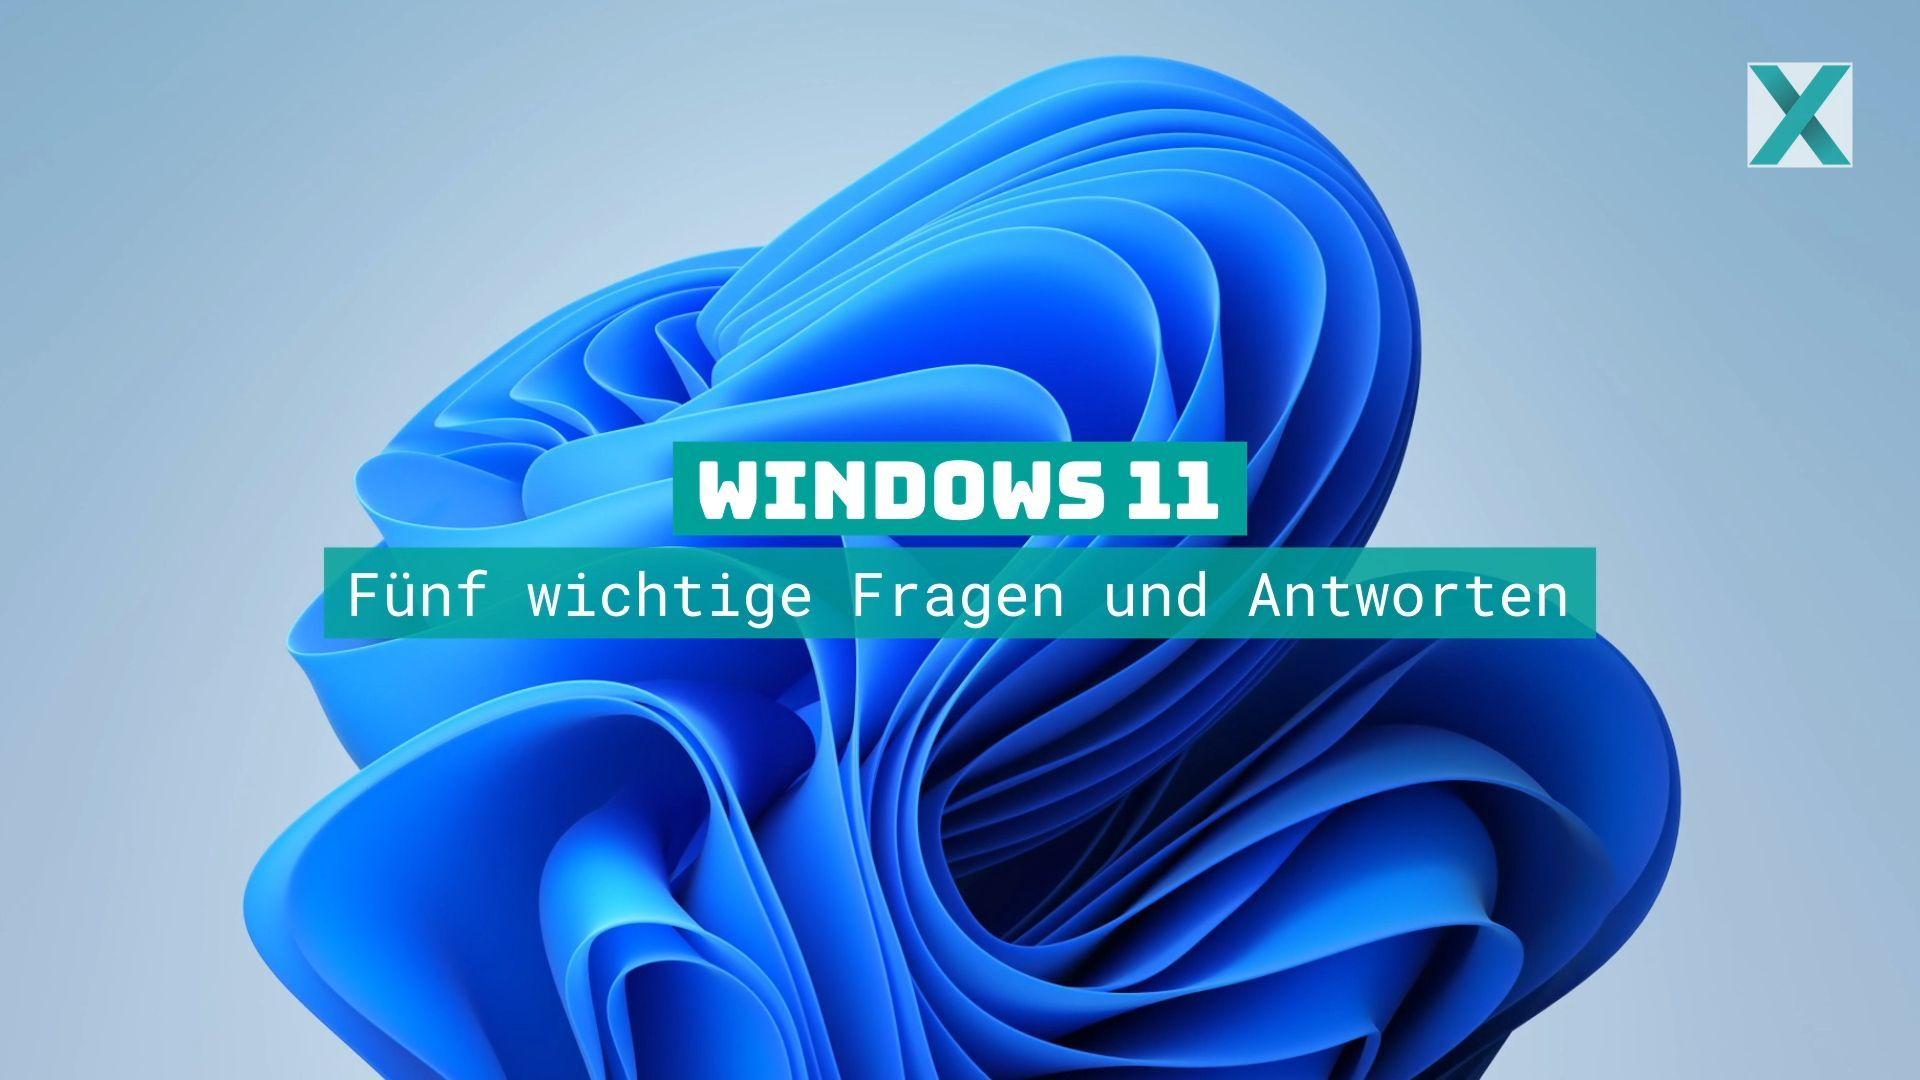 Windows 11: Fünf wichtige Fragen und Antworten